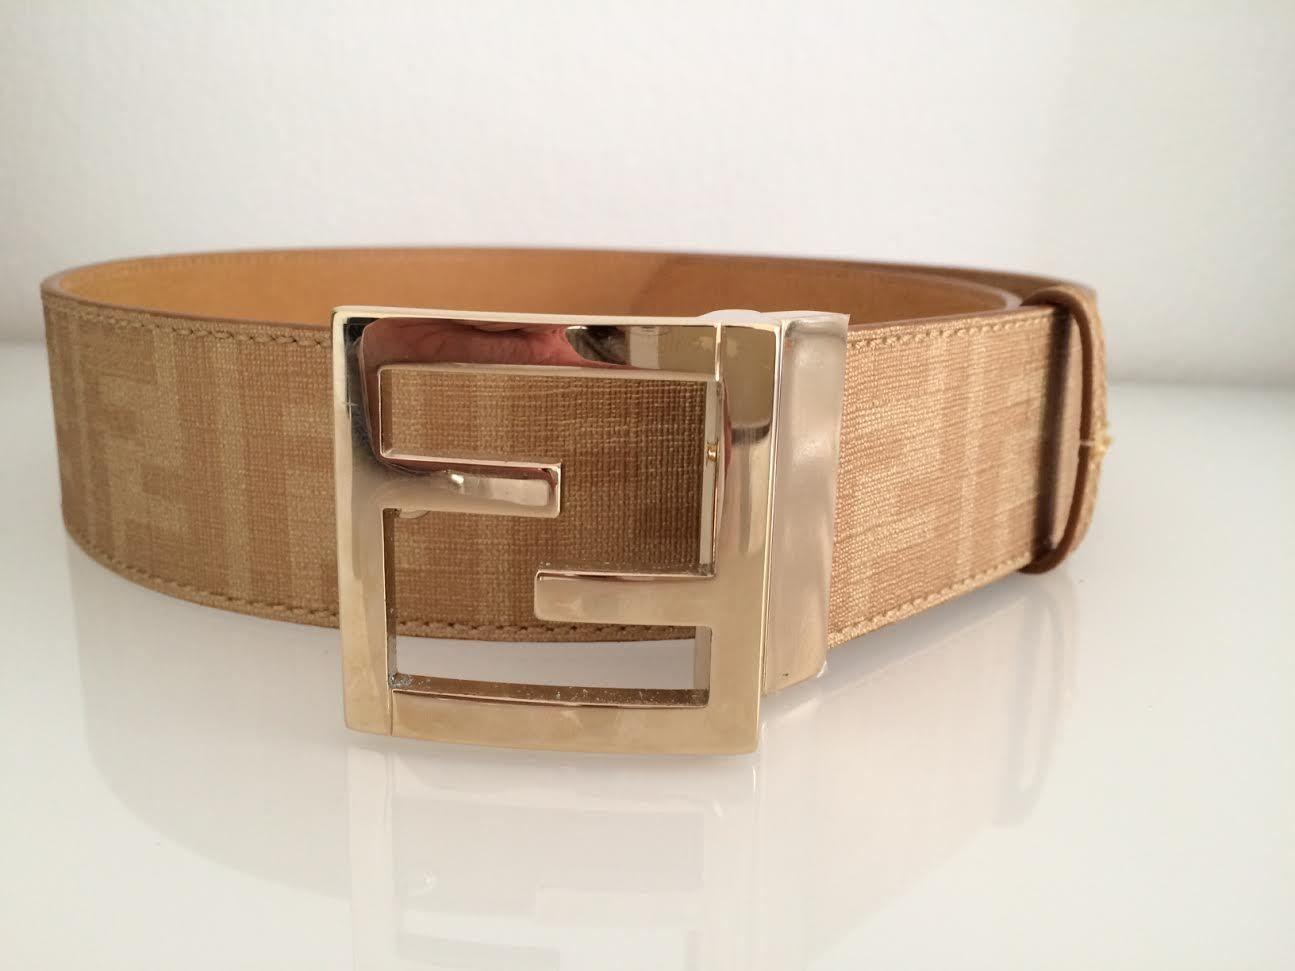 nuovo aspetto calzature stile squisito real fendi belt ebay 5f936 3d4eb